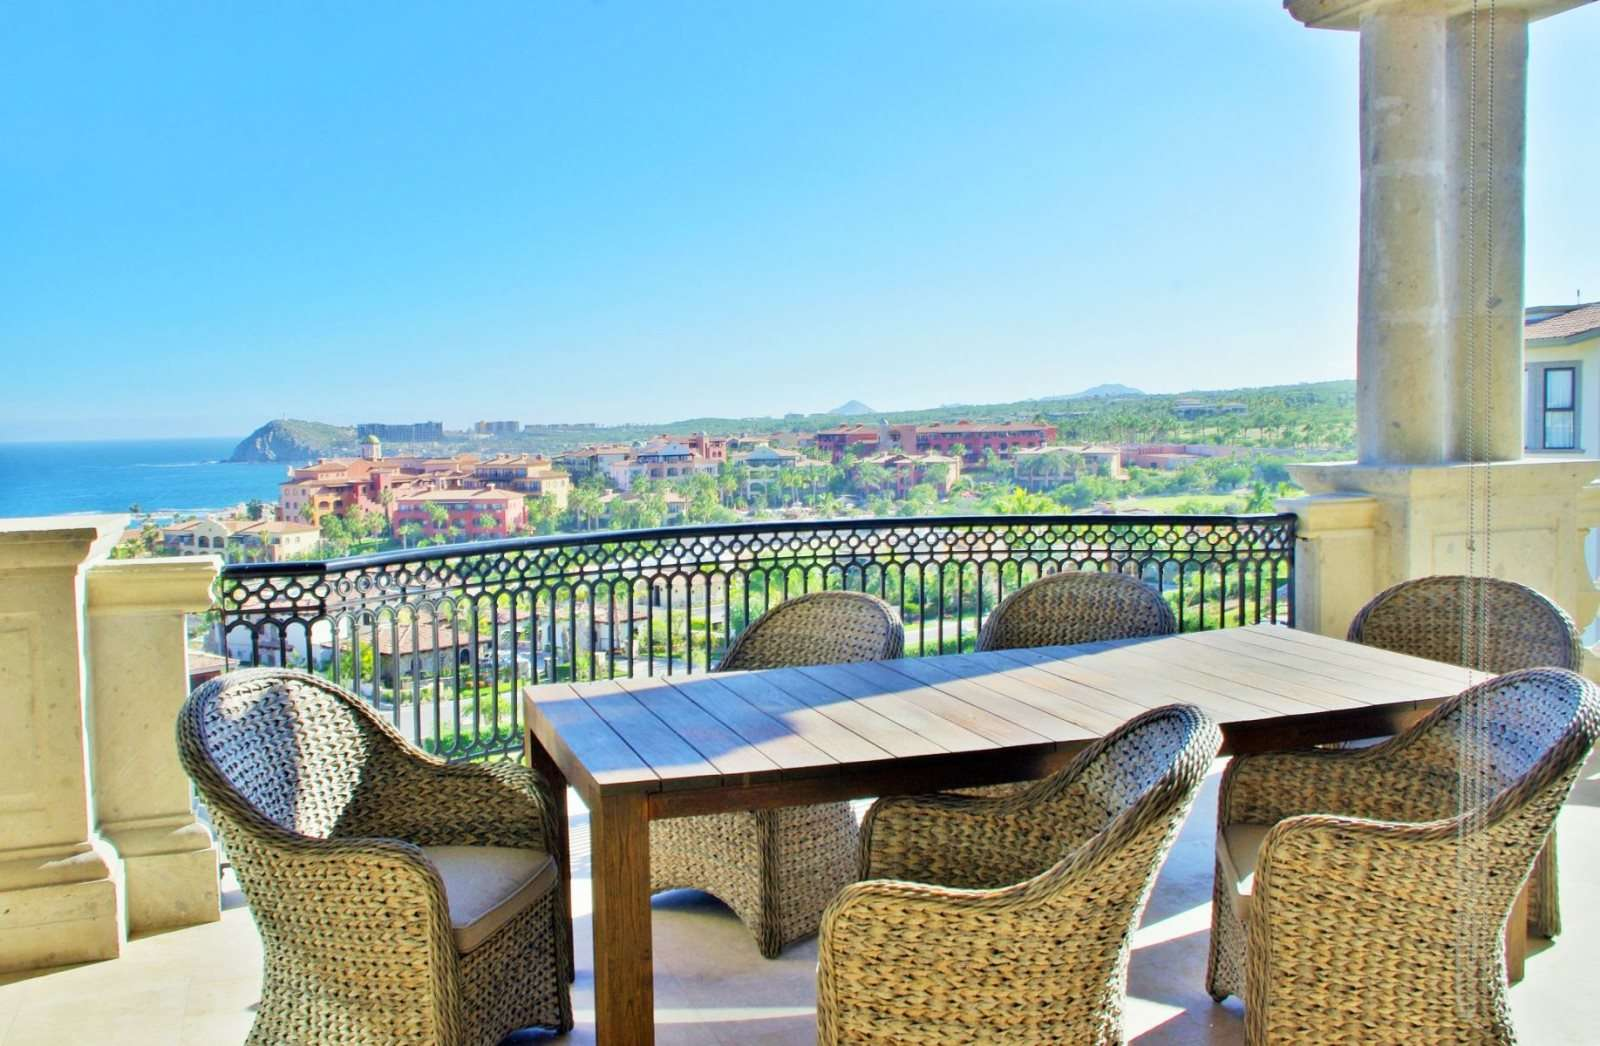 Luxury vacation rentals mexico - Los cabos - Los cabos corridor - Cabo delsol - Casa de los Vientos Penthouse - Image 1/15